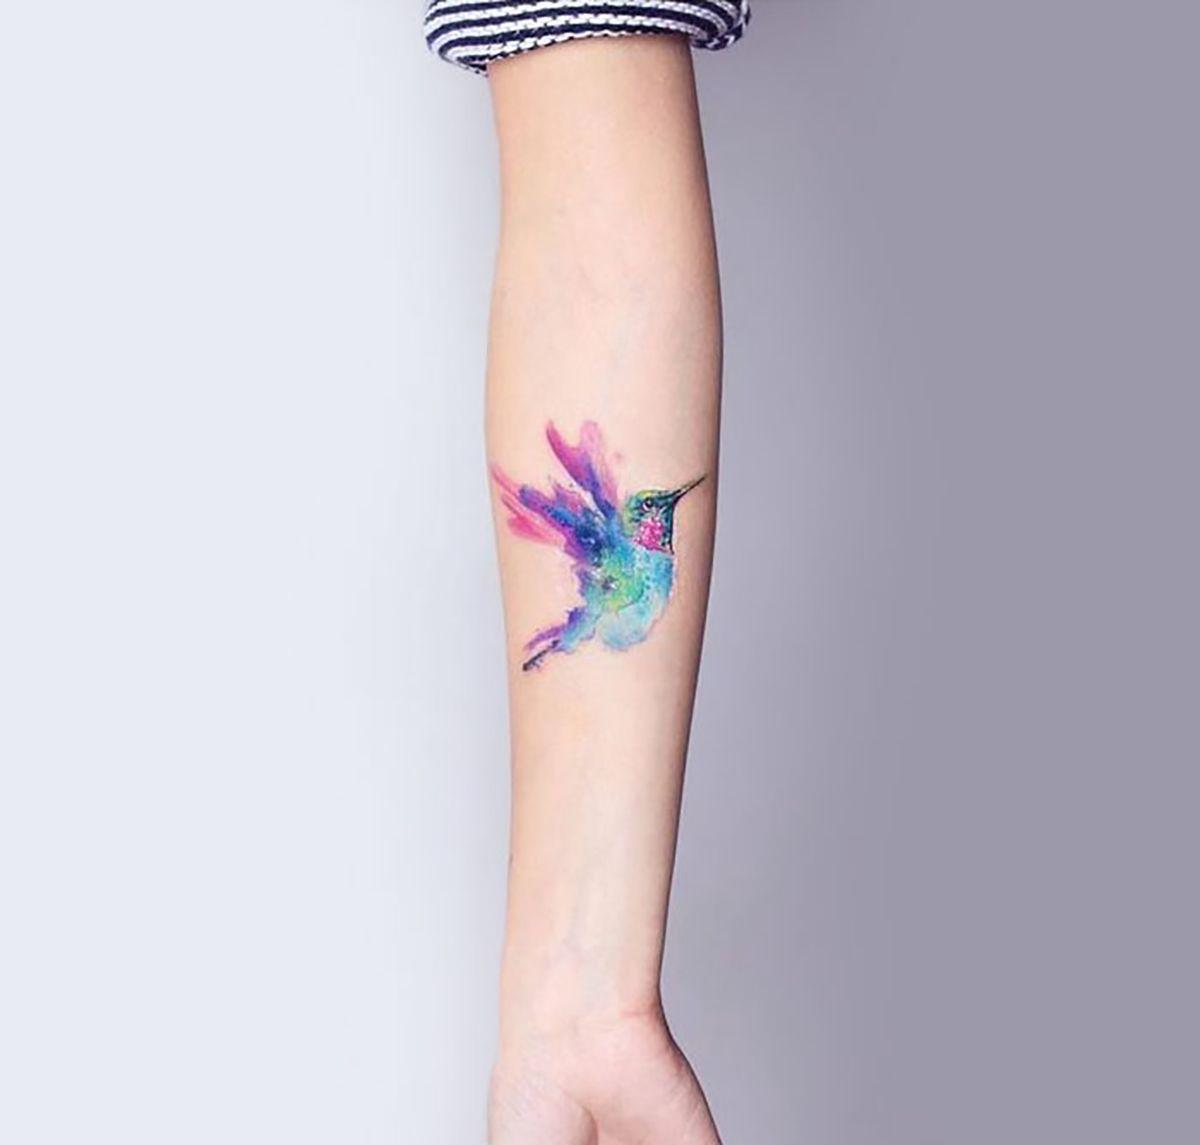 14 Tatuajes De Aves Que Te Haran Reflexionar Acerca Del Lugar